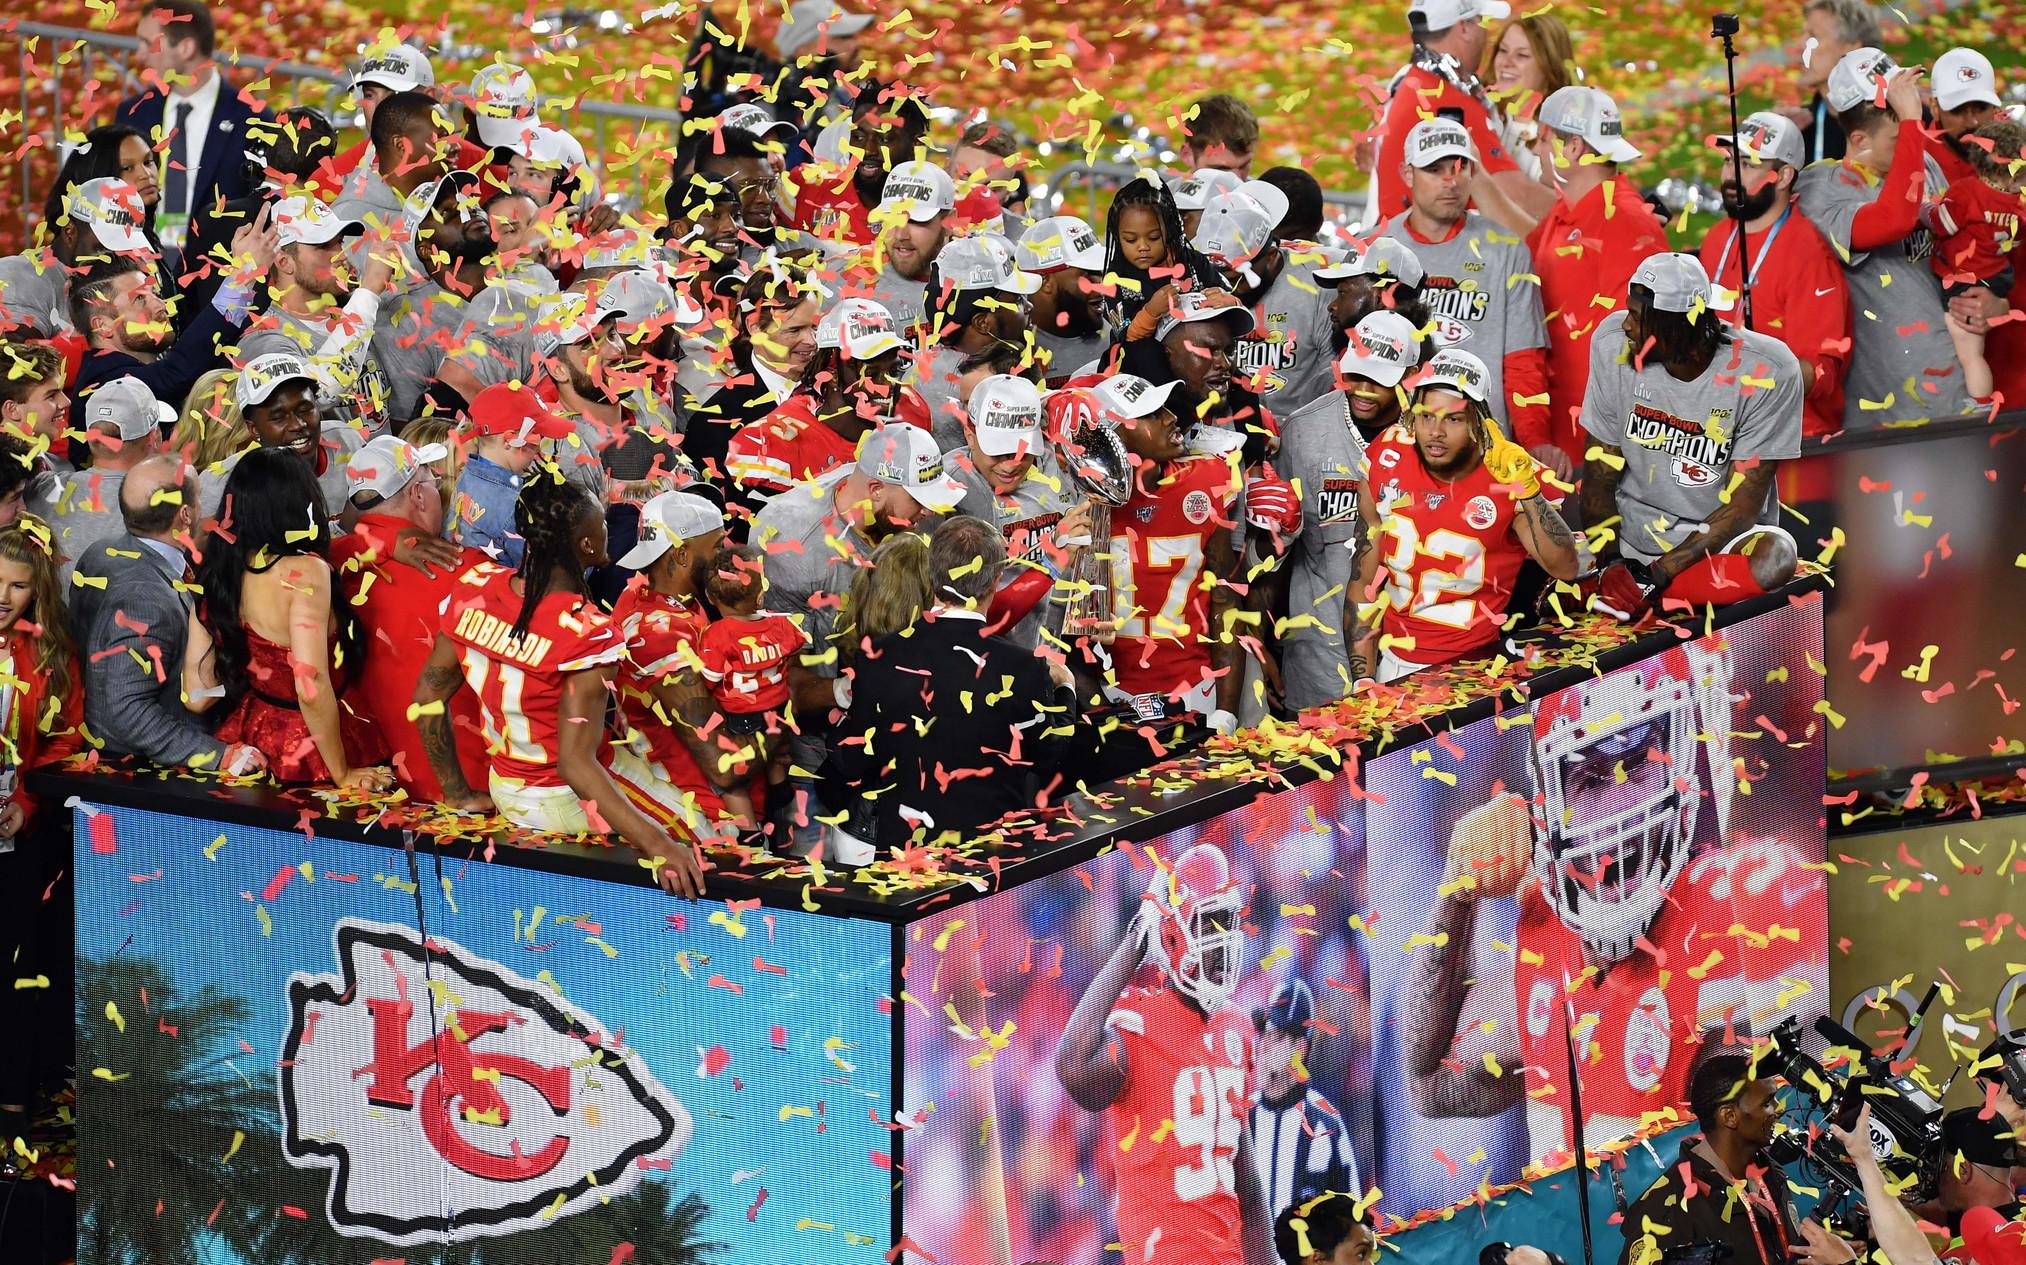 È un Super Bowl di alta qualità quello che è andato in scena all'Hard Rock Stadium di Miami e che ha visto i Kansas City Chiefs trionfare 50 anni dopo l'ultima volta. Un'eccezionale prova difensiva non basta ai San Francisco 49ers, che in vantaggio 20-10 subiscono una incredibile rimonta propiziata da una magia di Patrick Mahomes (poi premiato MVP). 31-20 è il risultato finale, con Andy Reid che conquista così il suo primo anello.